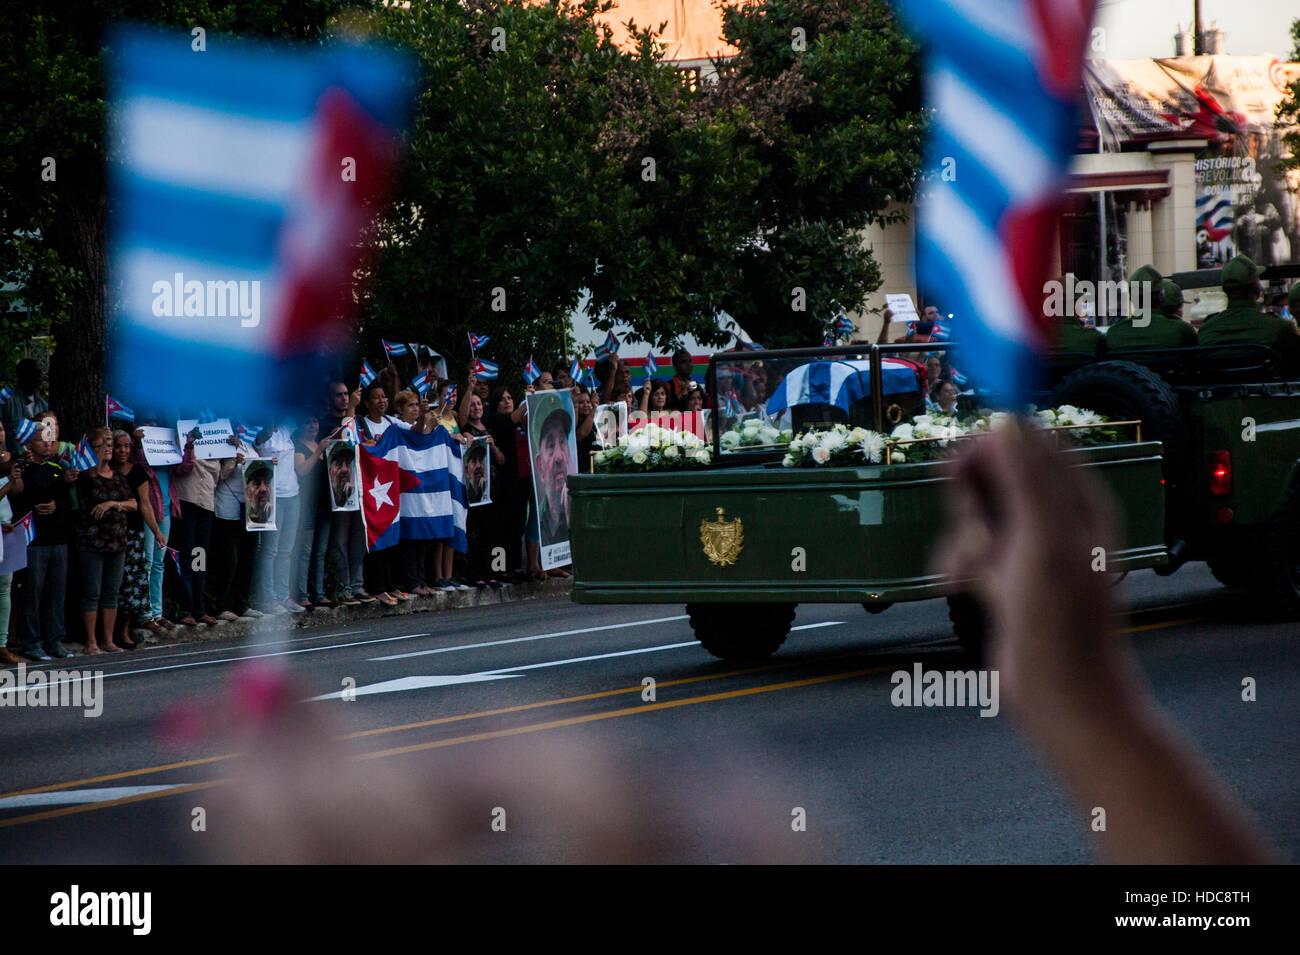 Eine Karawane mit der Asche von Präsident Fidel Castro Ruz fährt durch die Straßen in Havanna, Kuba Stockbild